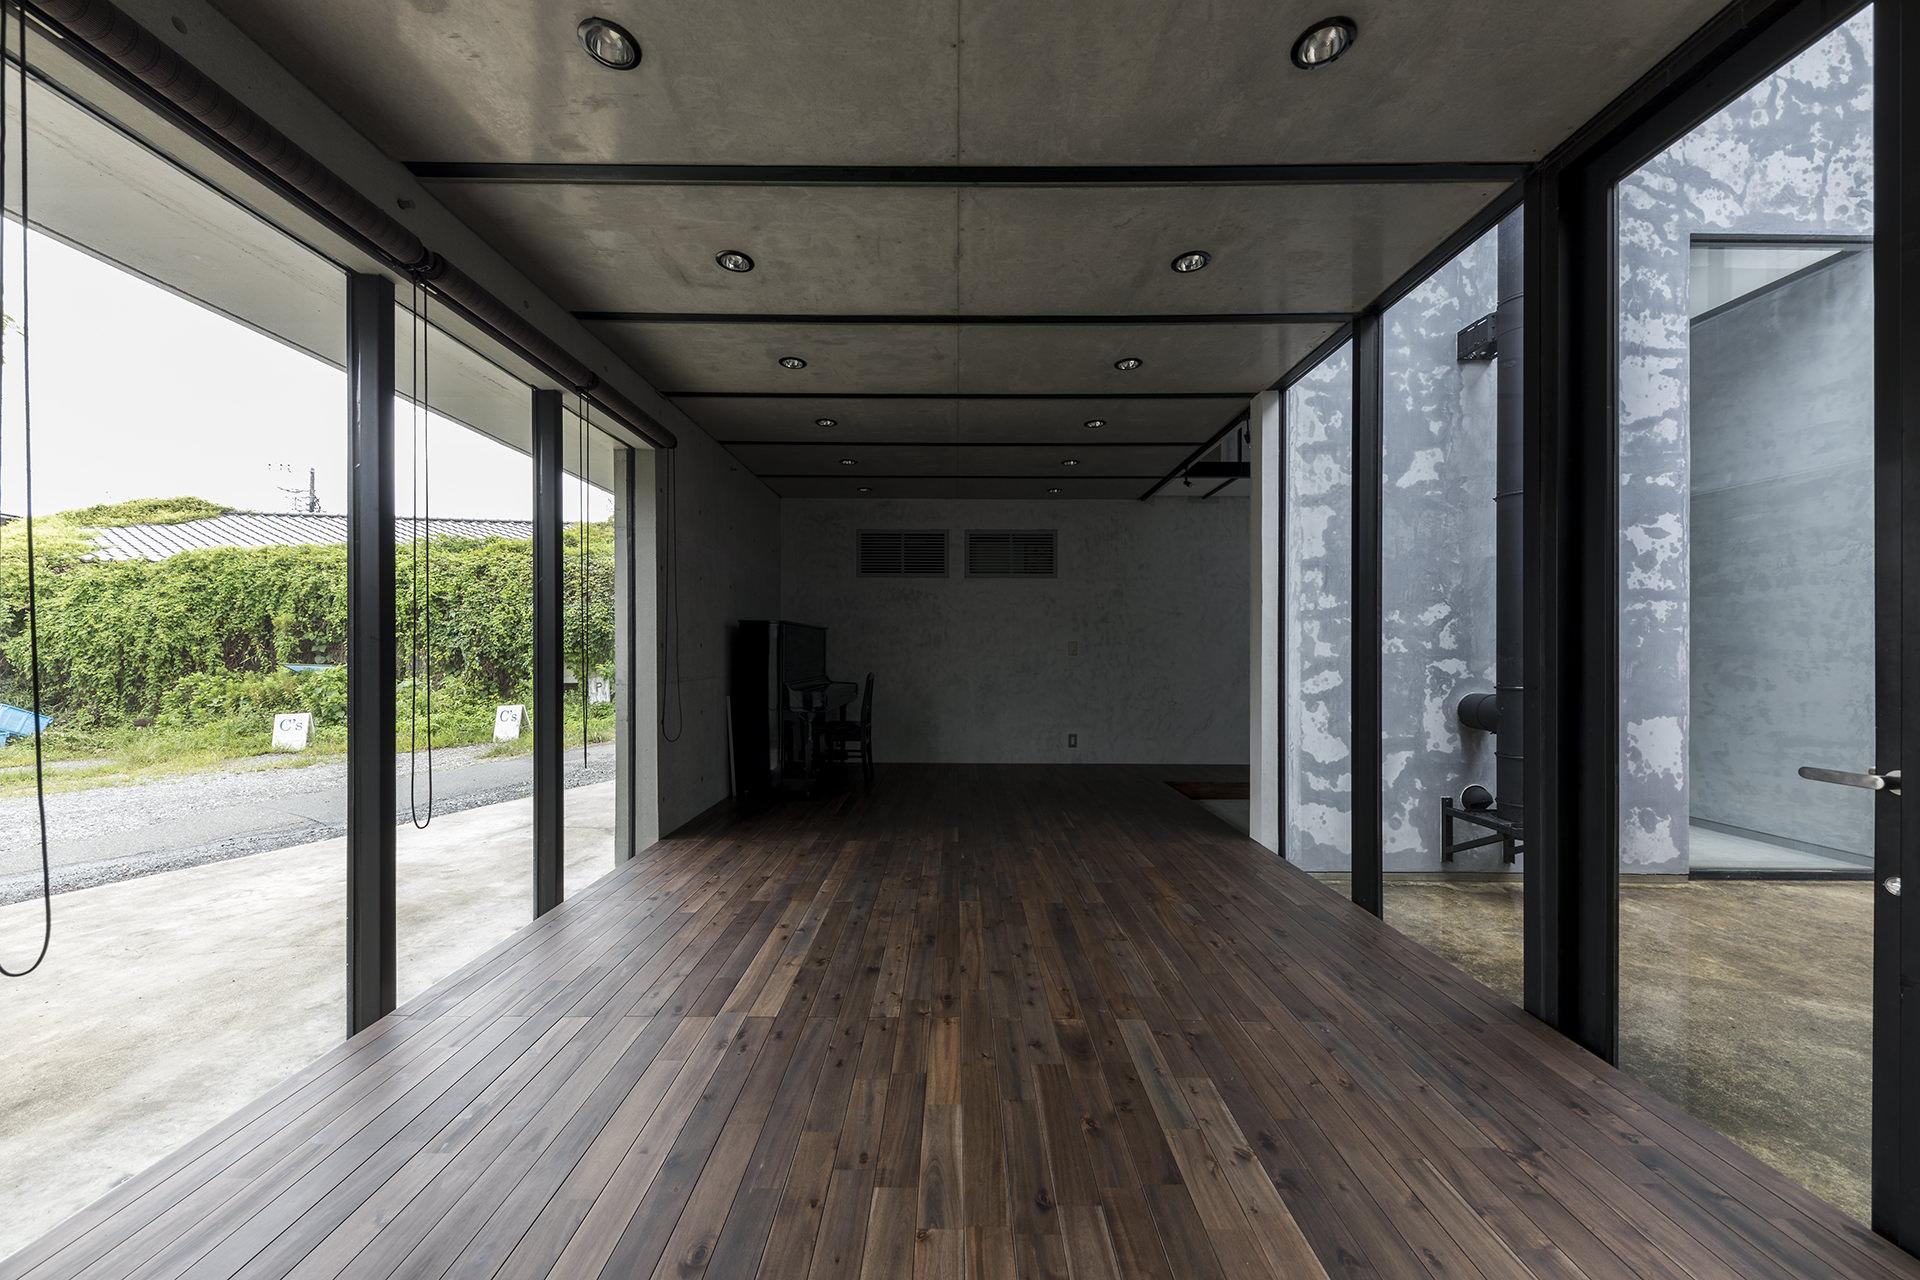 北鎌倉の家 イメージ2 撮影:東涌写真事務所・東涌宏和